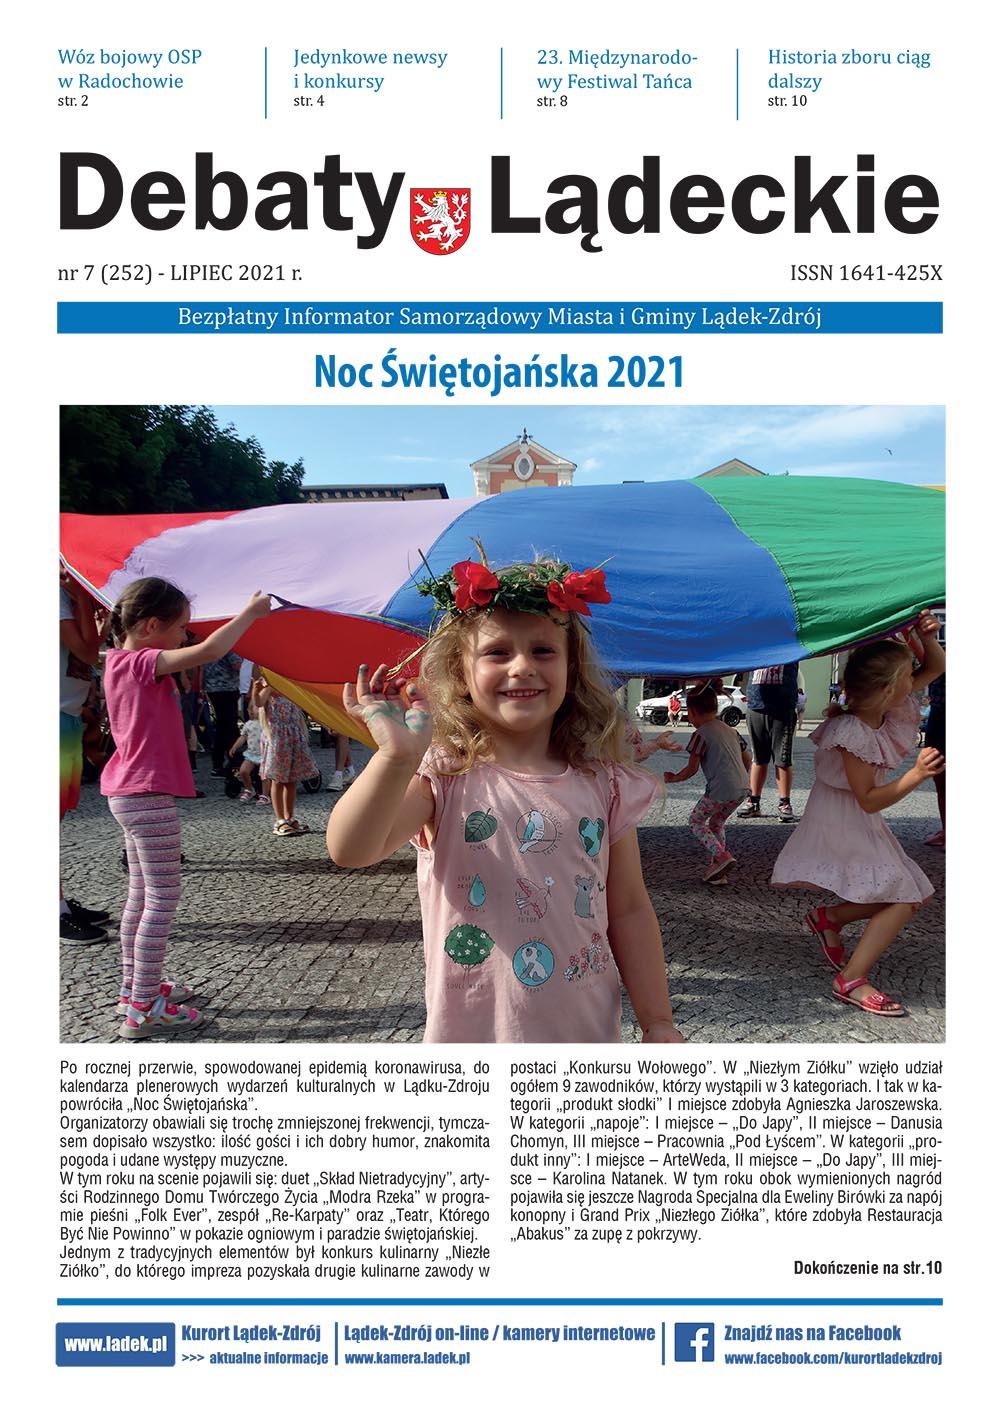 debaty-ladeckie-lipiec2021